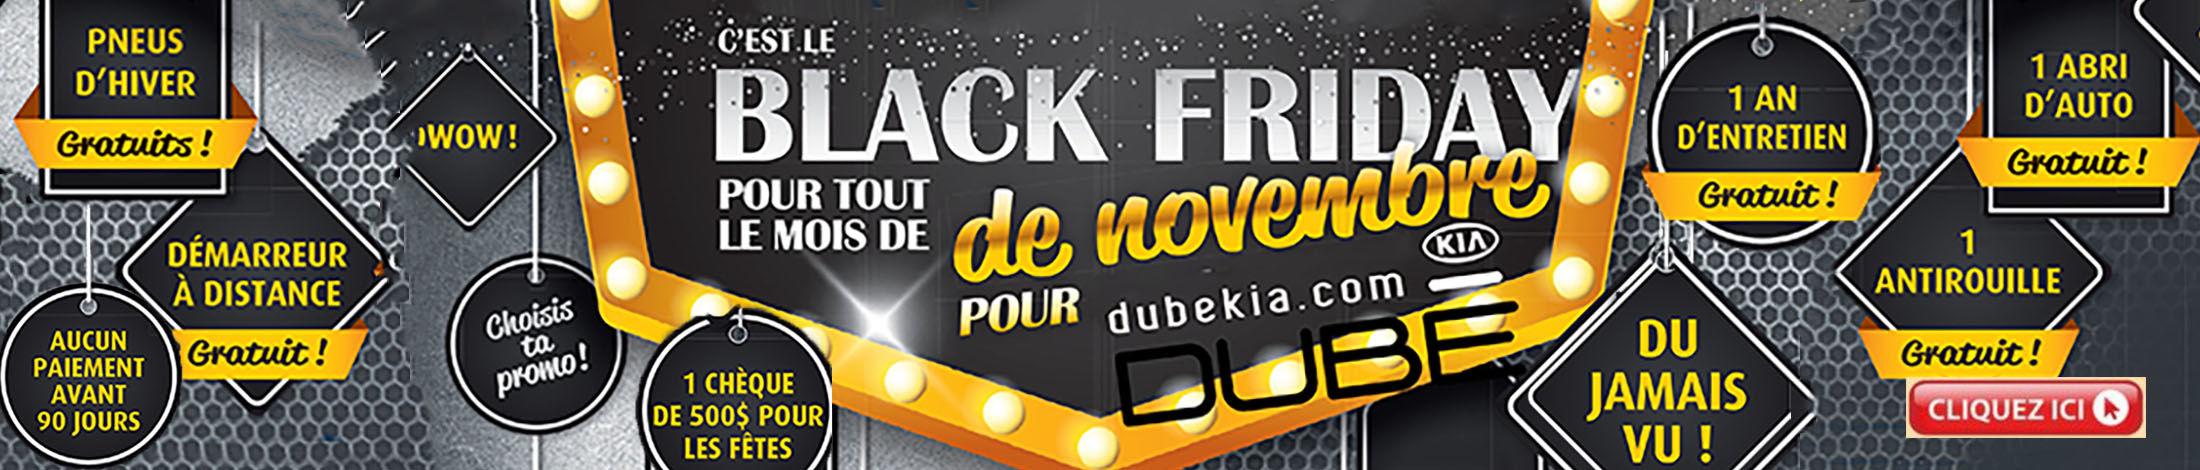 Black Friday chez Dubekia.com